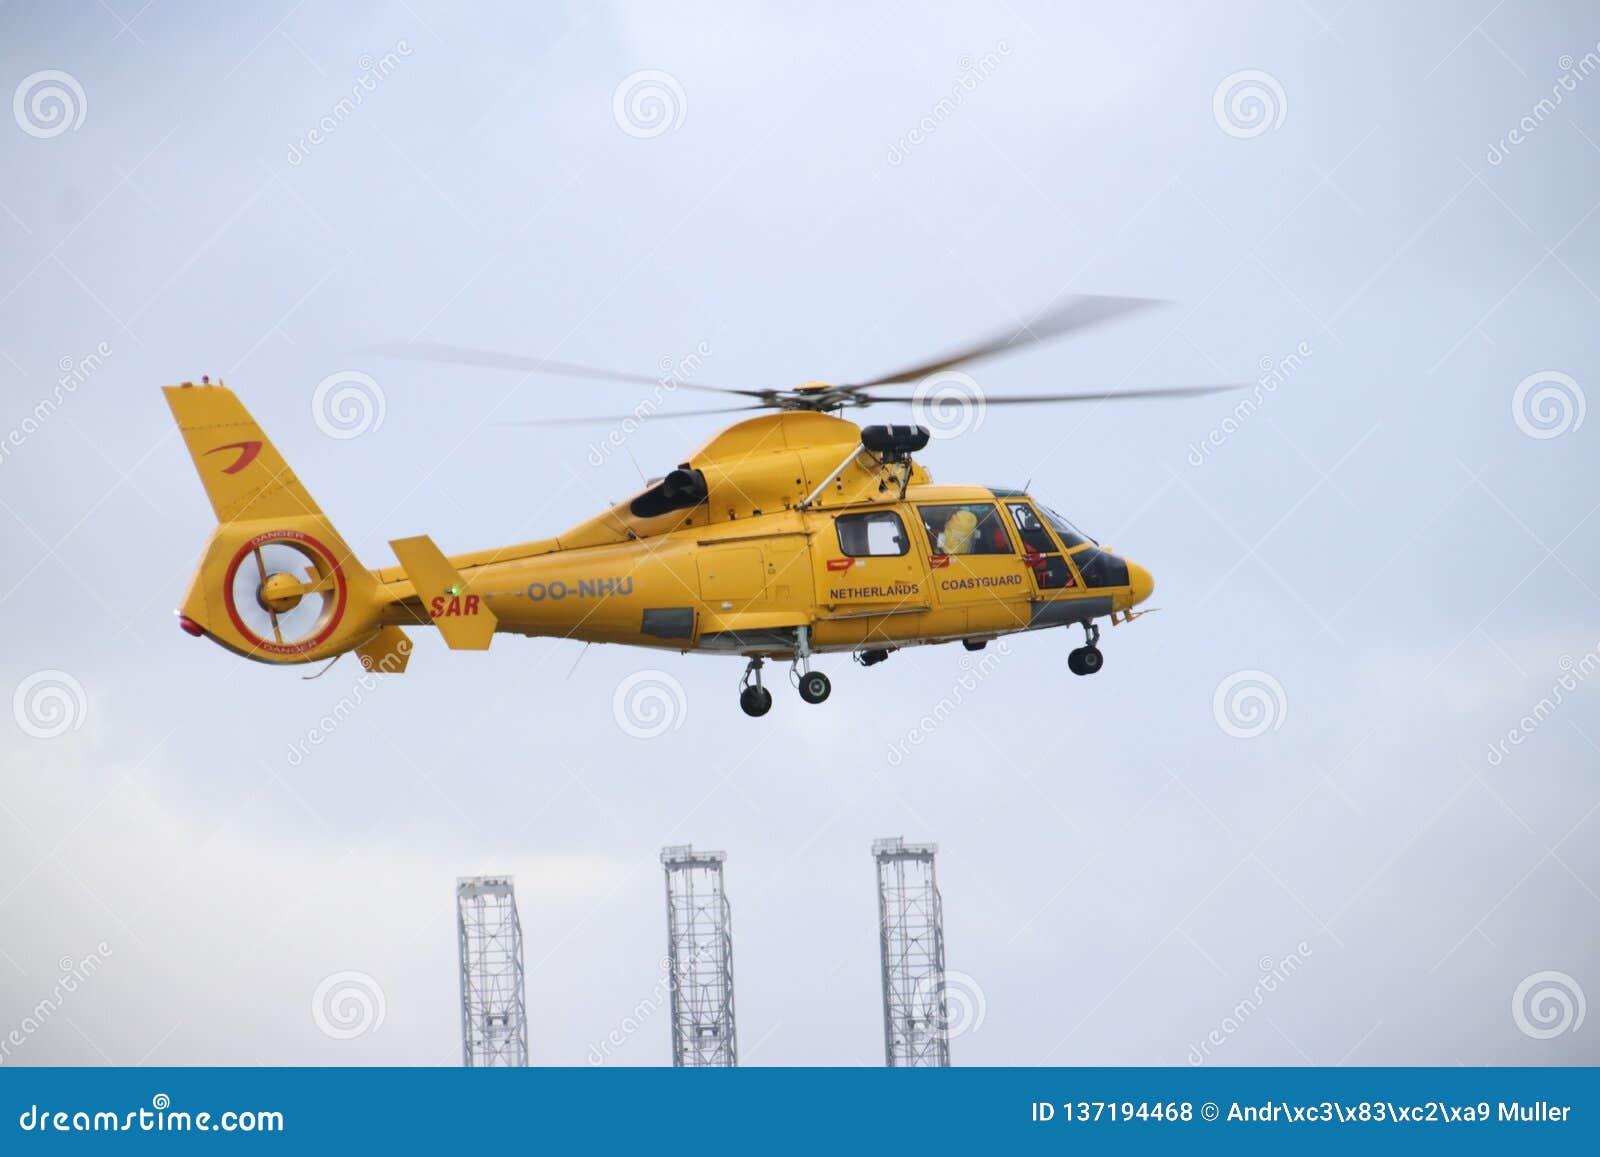 OO-NHU helikopter od straży wybrzeżej w holandiach opuszcza platformę dla akcji w Europoort schronieniu w porcie spróchniałość